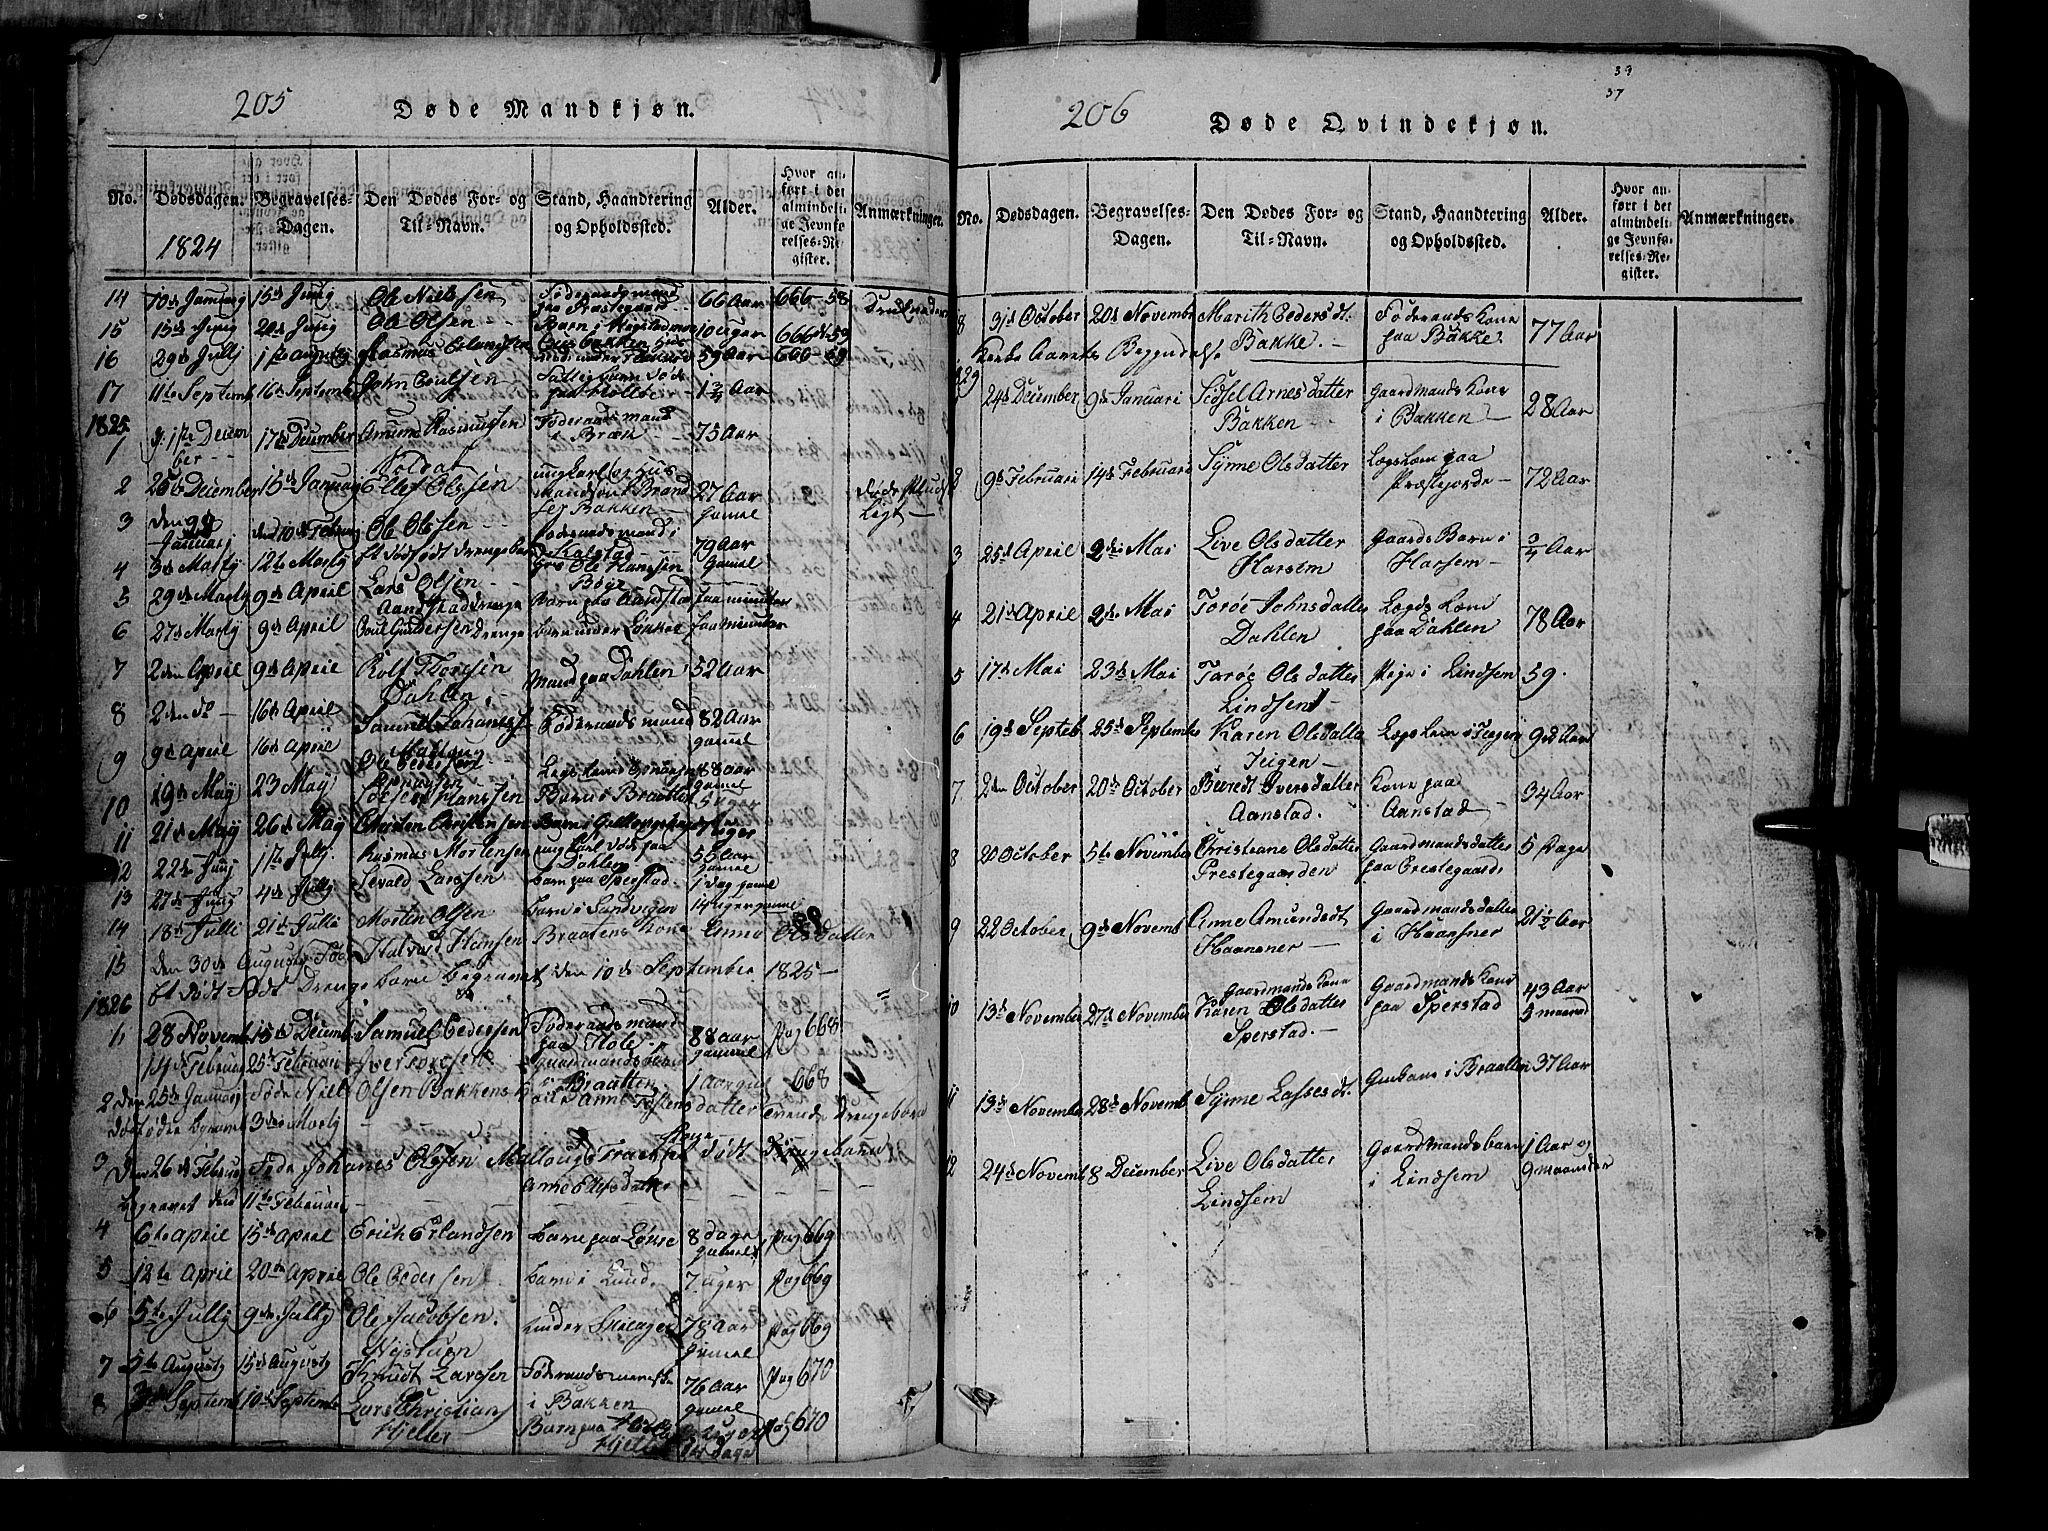 SAH, Lom prestekontor, L/L0003: Klokkerbok nr. 3, 1815-1844, s. 205-206